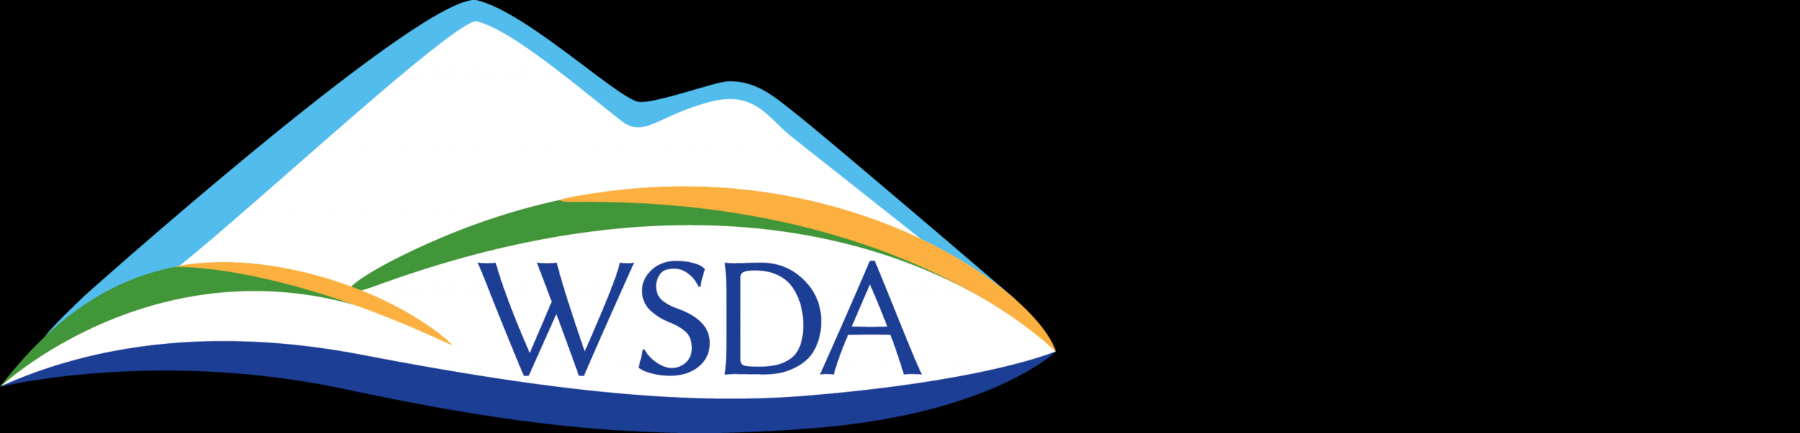 WSDA Logo.png